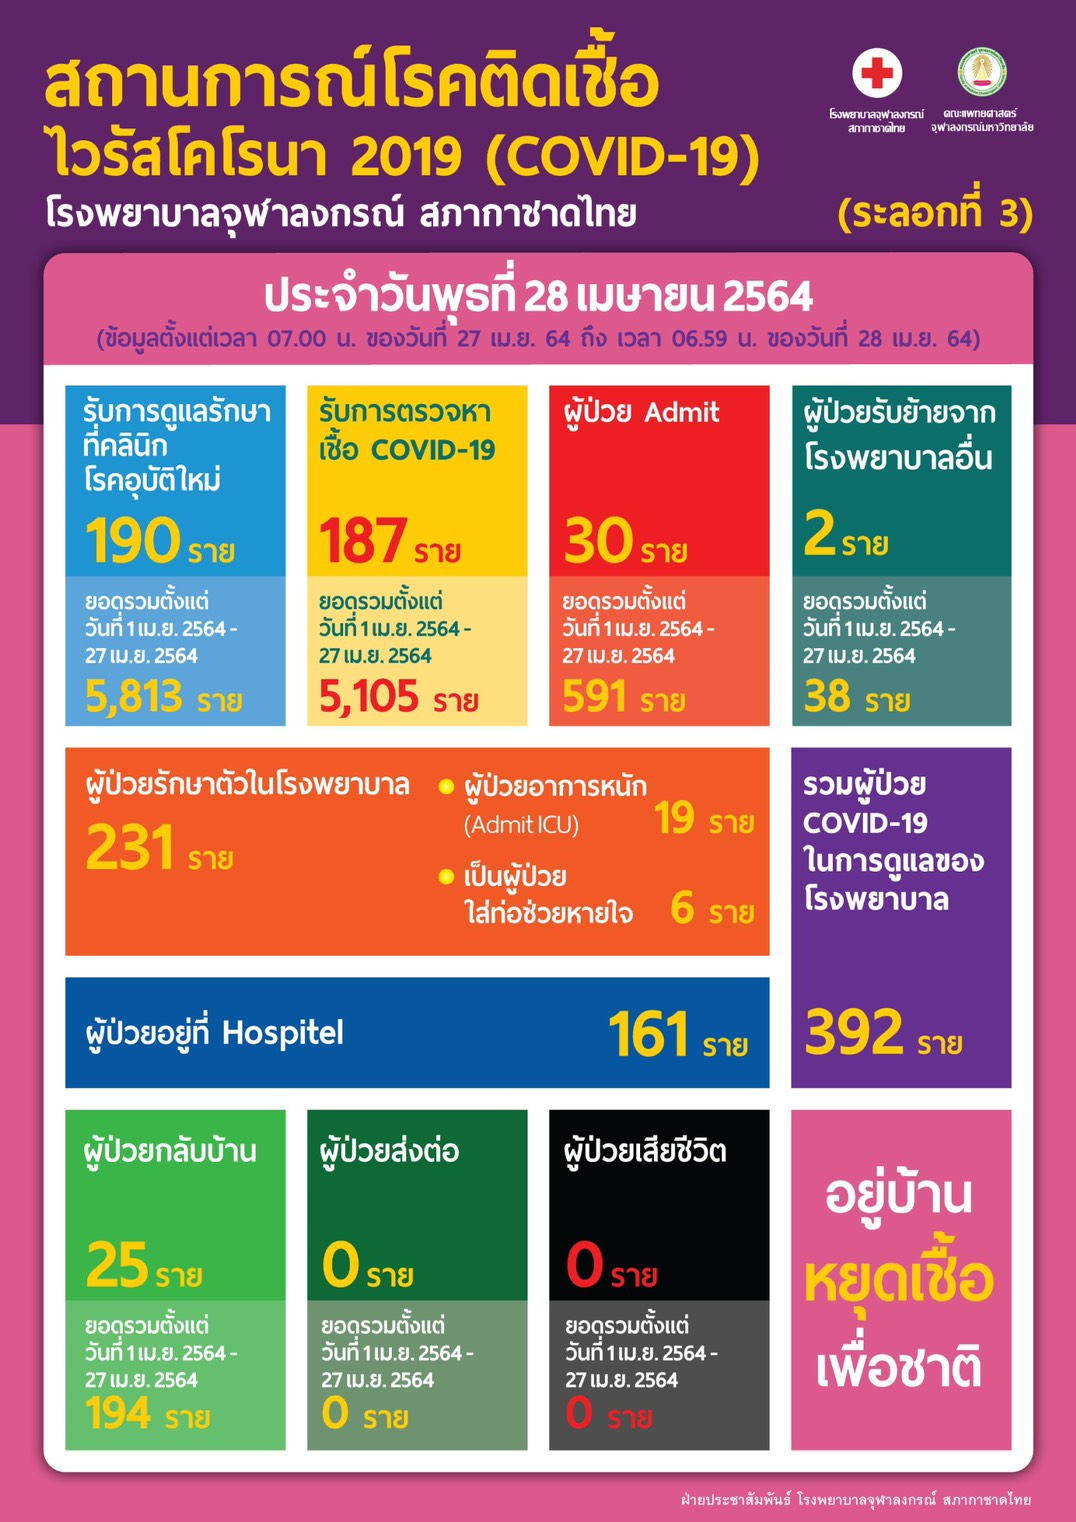 สถานการณ์โรคติดเชื้อ ไวรัสโคโรนา 2019 (COVID-19) สภากาชาติไทย  โรงพยาบาลจุฬาลงกรณ์ สภากาชาดไทย (ระลอกที่ 3) ประจำวันพุธที่ 28 เมษายน 2564